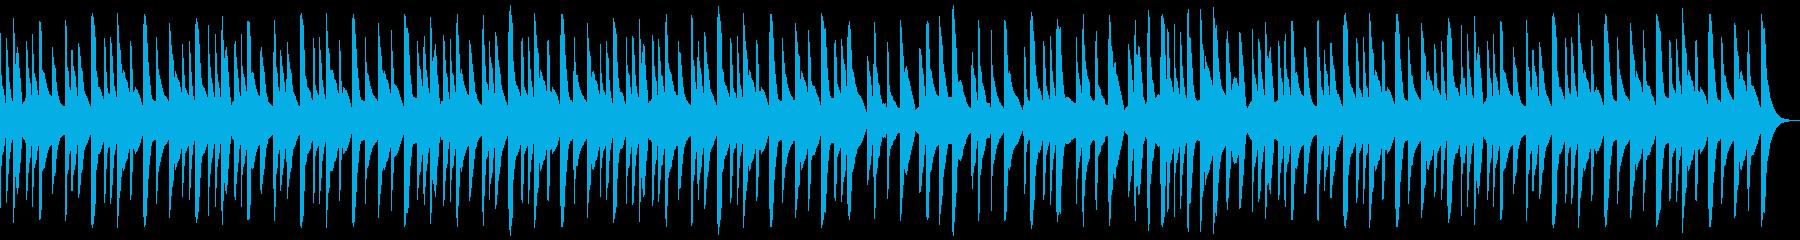 オルゴール調の切ないクリスマス曲の再生済みの波形